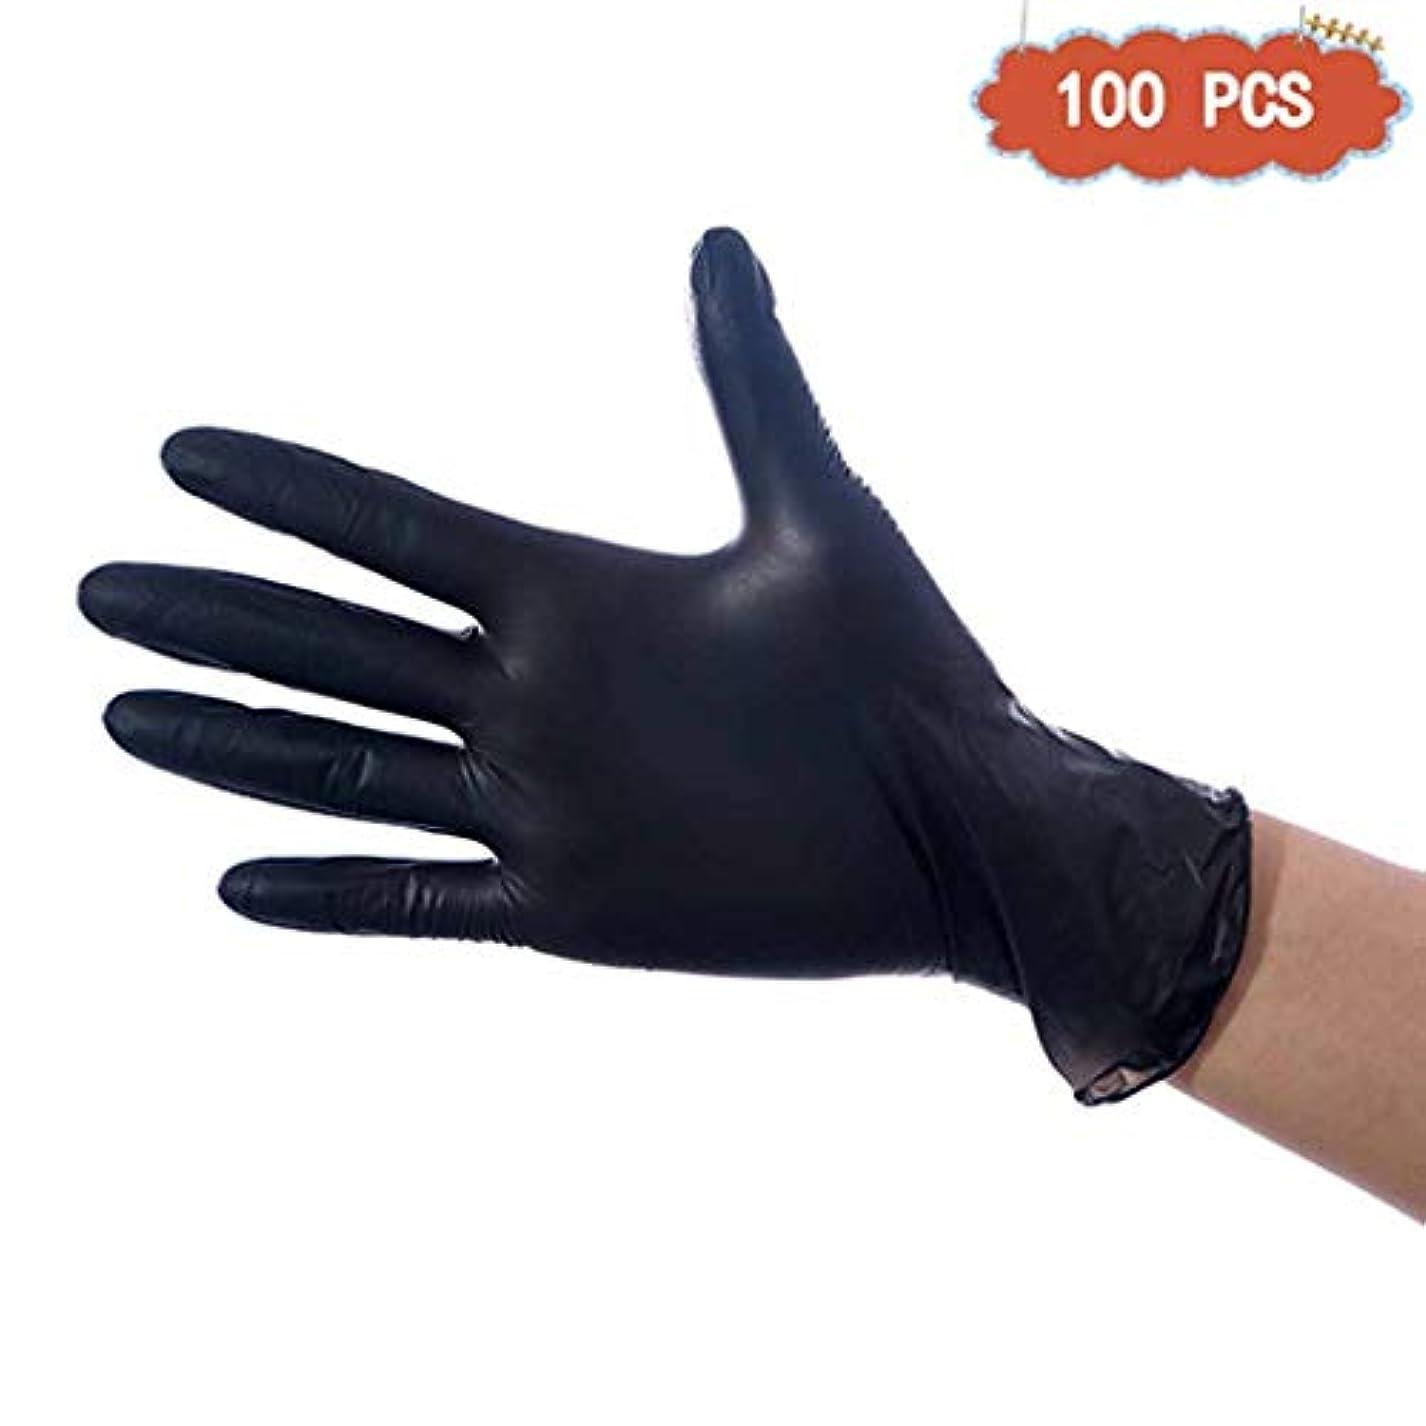 語見込み毛布ニトリル手袋手袋9インチネイルアートブラックニトリル保護手袋キッチンシェフオイルラテックスフリー、パウダーフリー、100個 (Size : M)